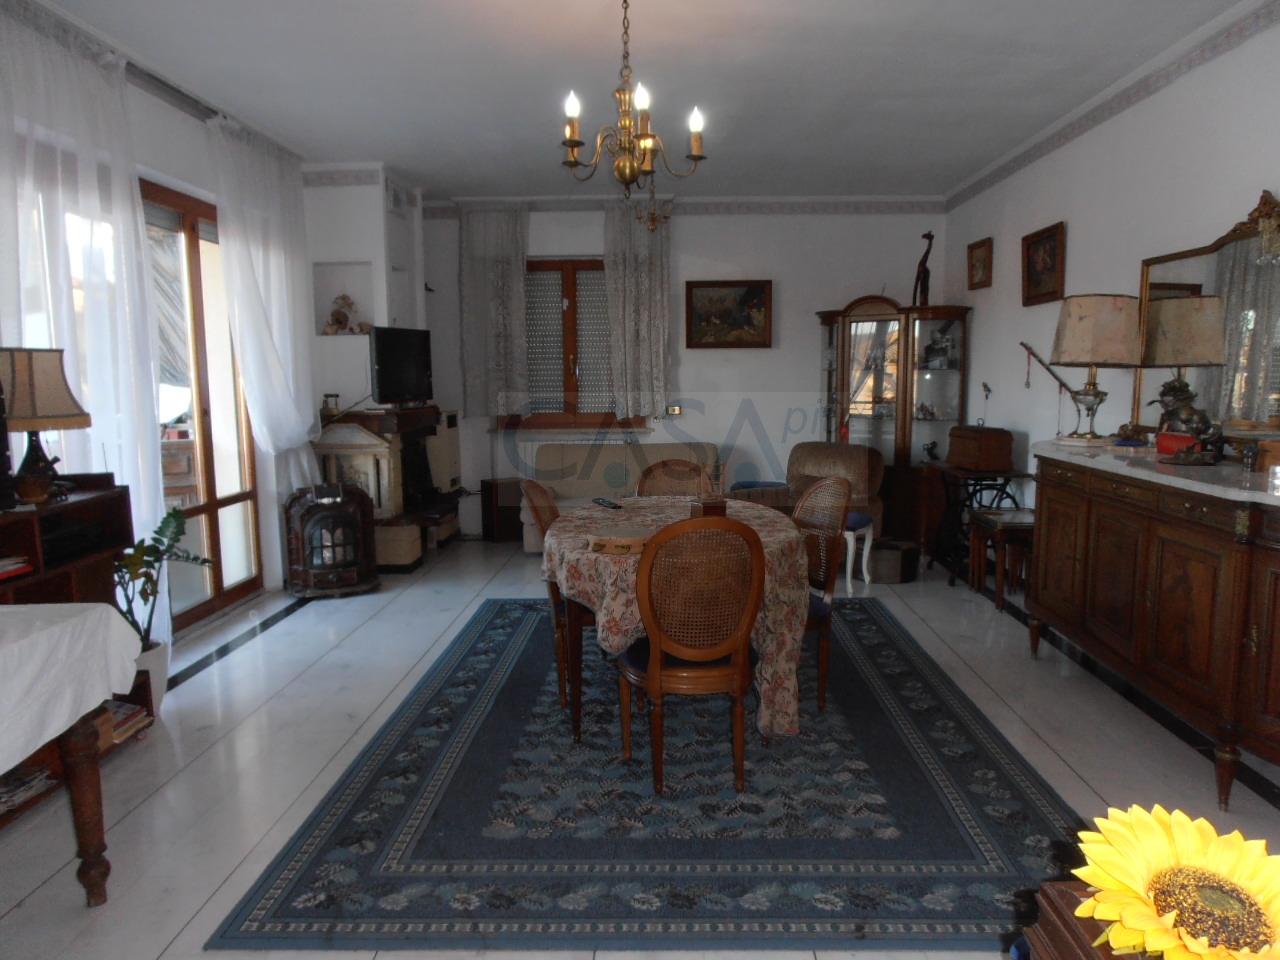 Appartamento in vendita a Monsampolo del Tronto, 5 locali, zona Località: StelladiMonsampolo, prezzo € 110.000   Cambio Casa.it